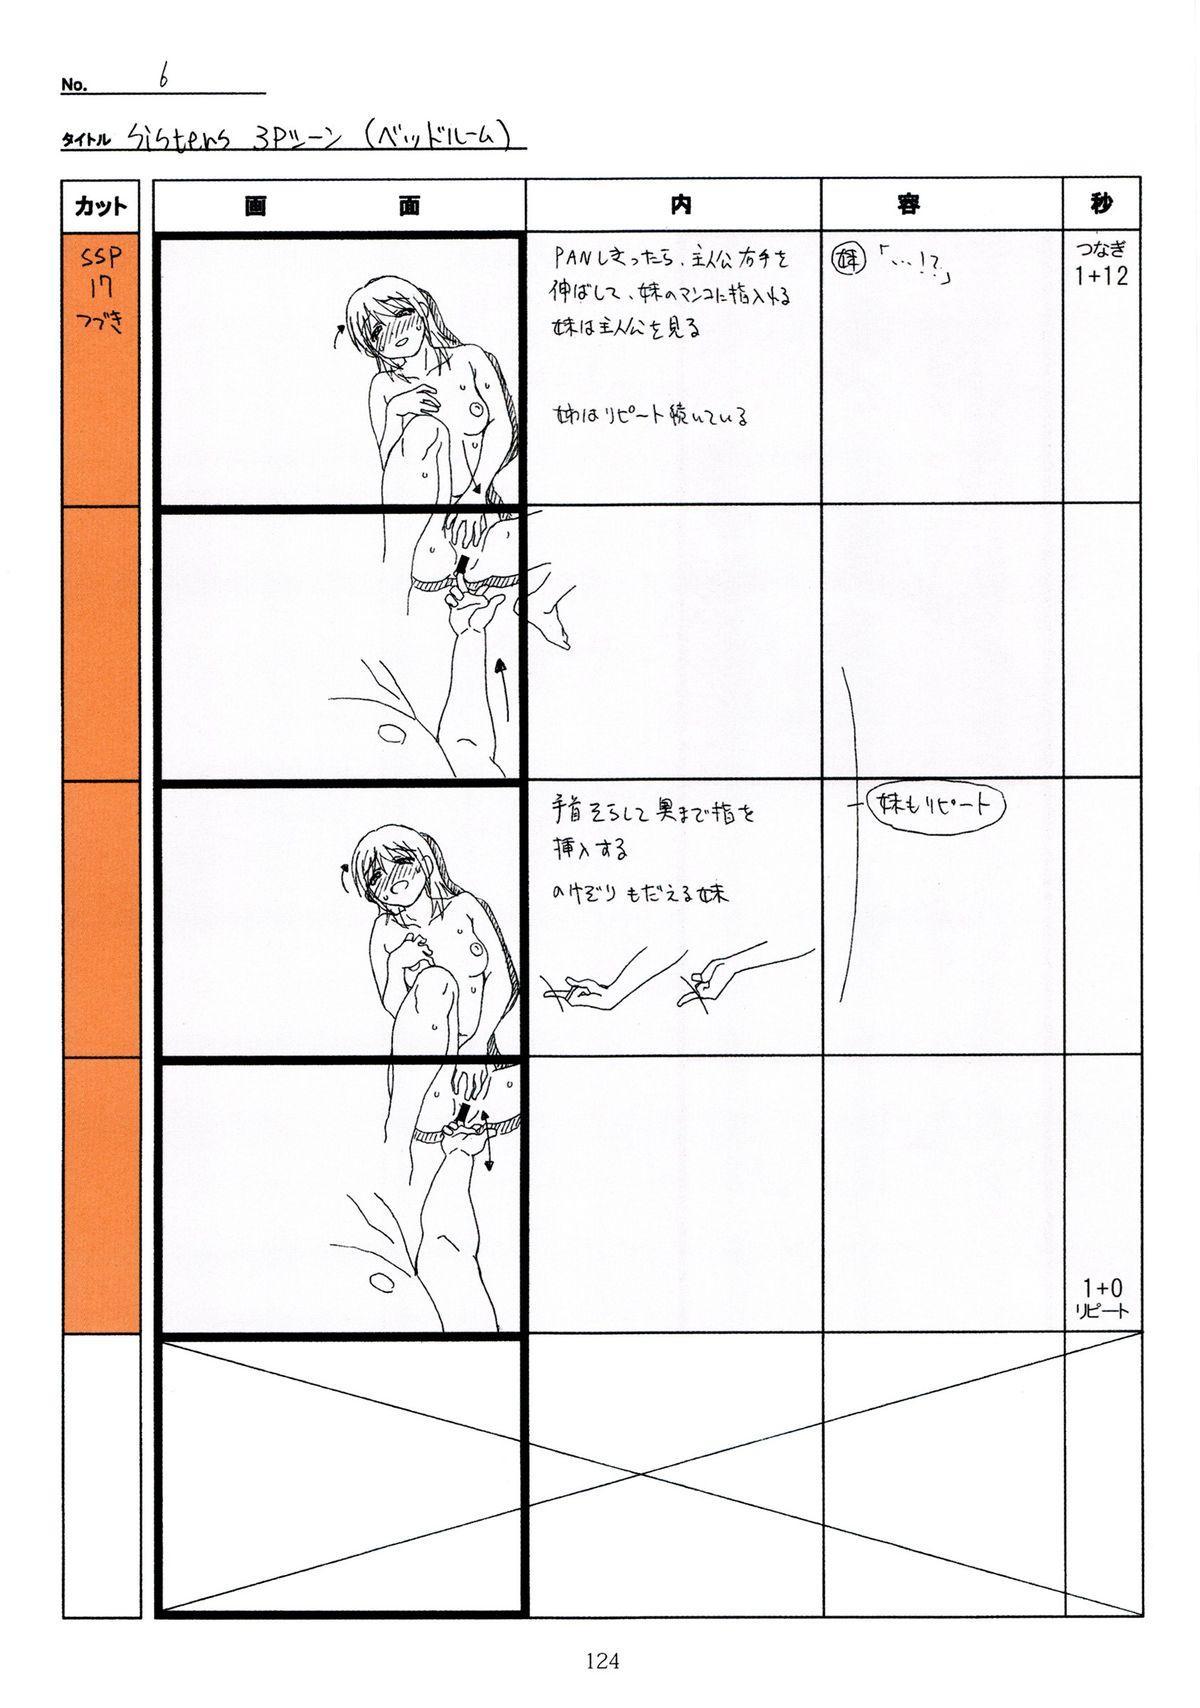 (C89) [Makino Jimusho (Taki Minashika)] SISTERS -Natsu no Saigo no Hi- H Scene All Part Storyboard (SISTERS -Natsu no Saigo no Hi-) 123